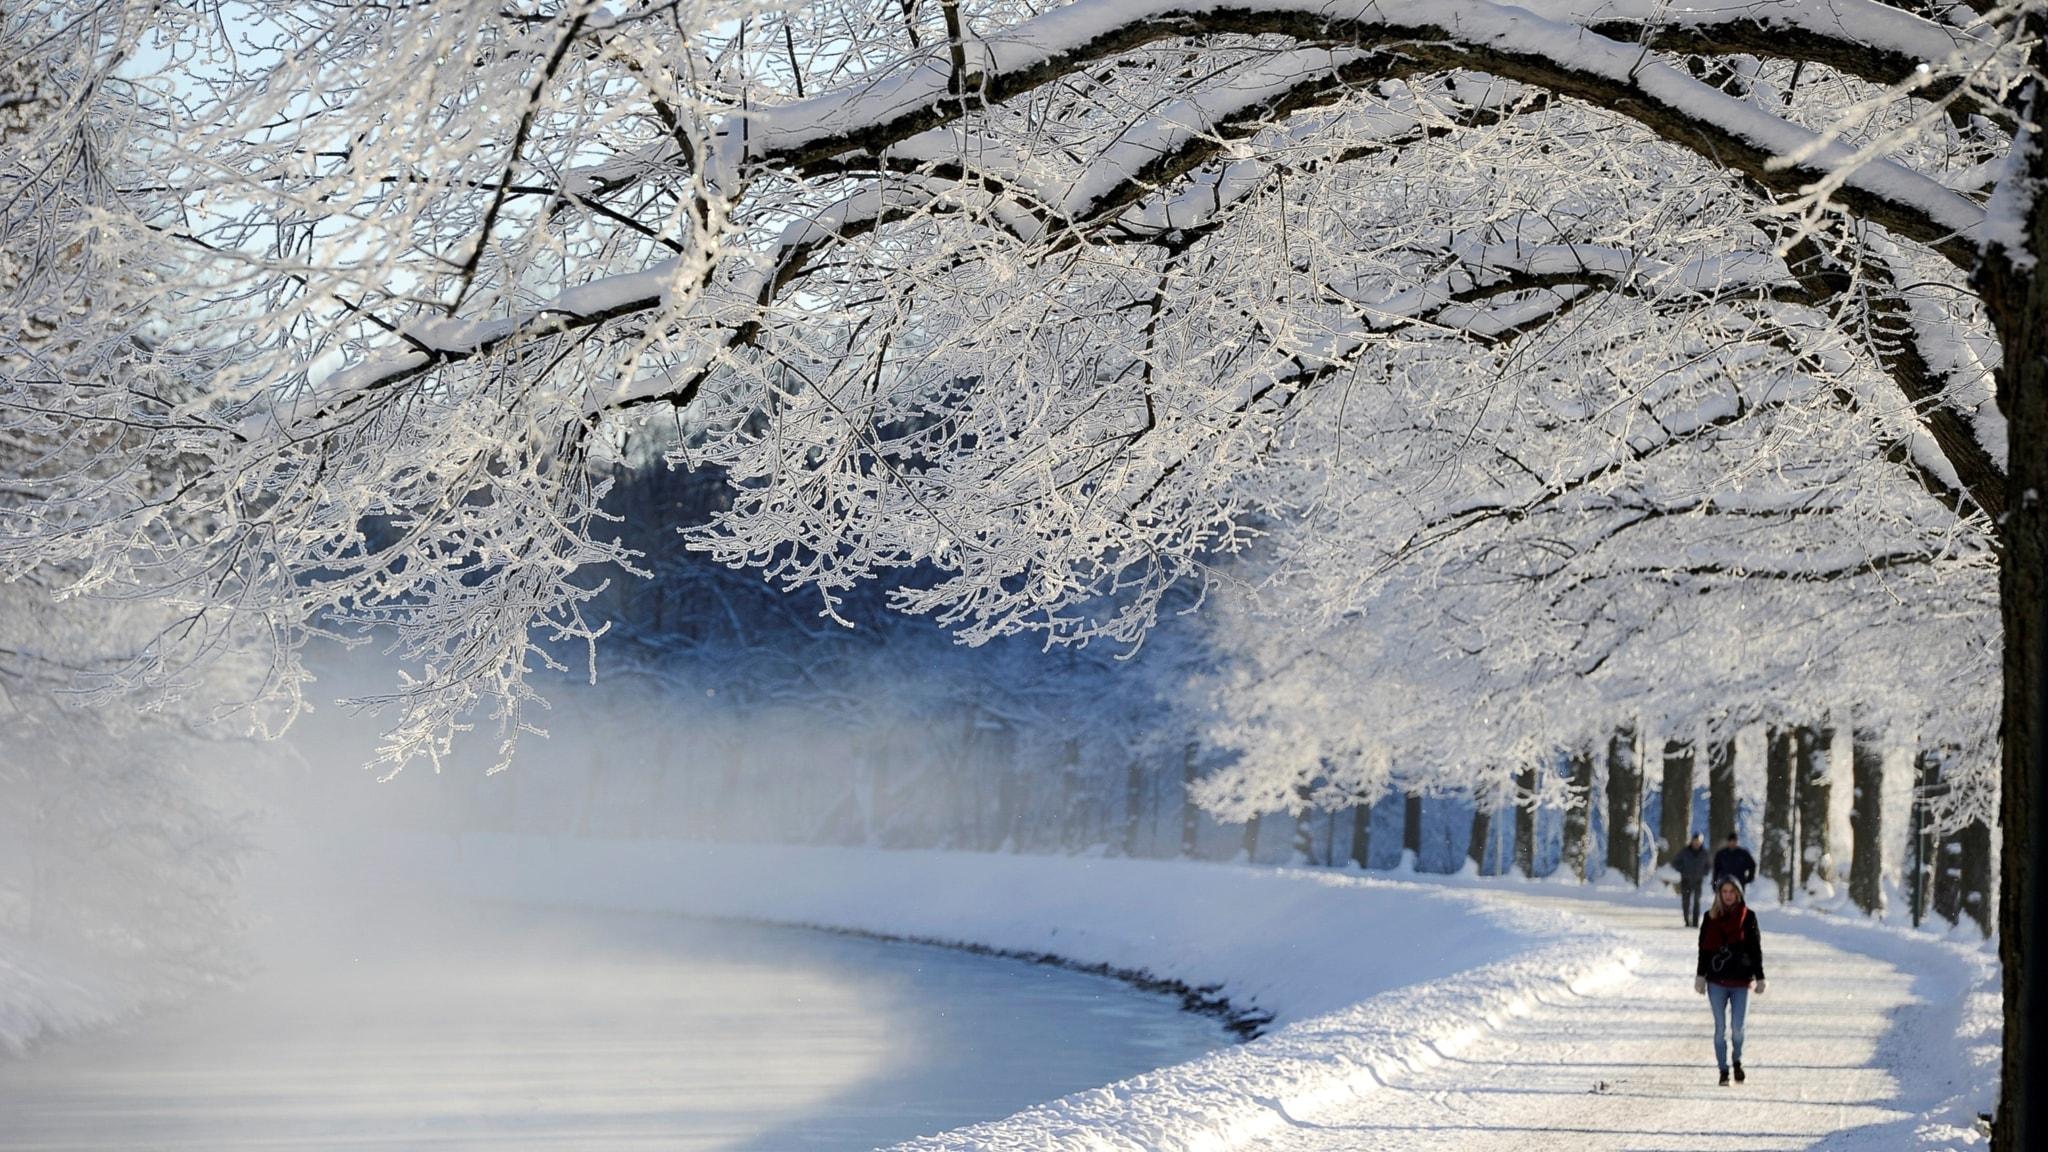 Î?ev ?eva herî sar ya zivistana îsal e. Xelata Jerringê ya werzi?ê gehi?t Hanna Öbergê